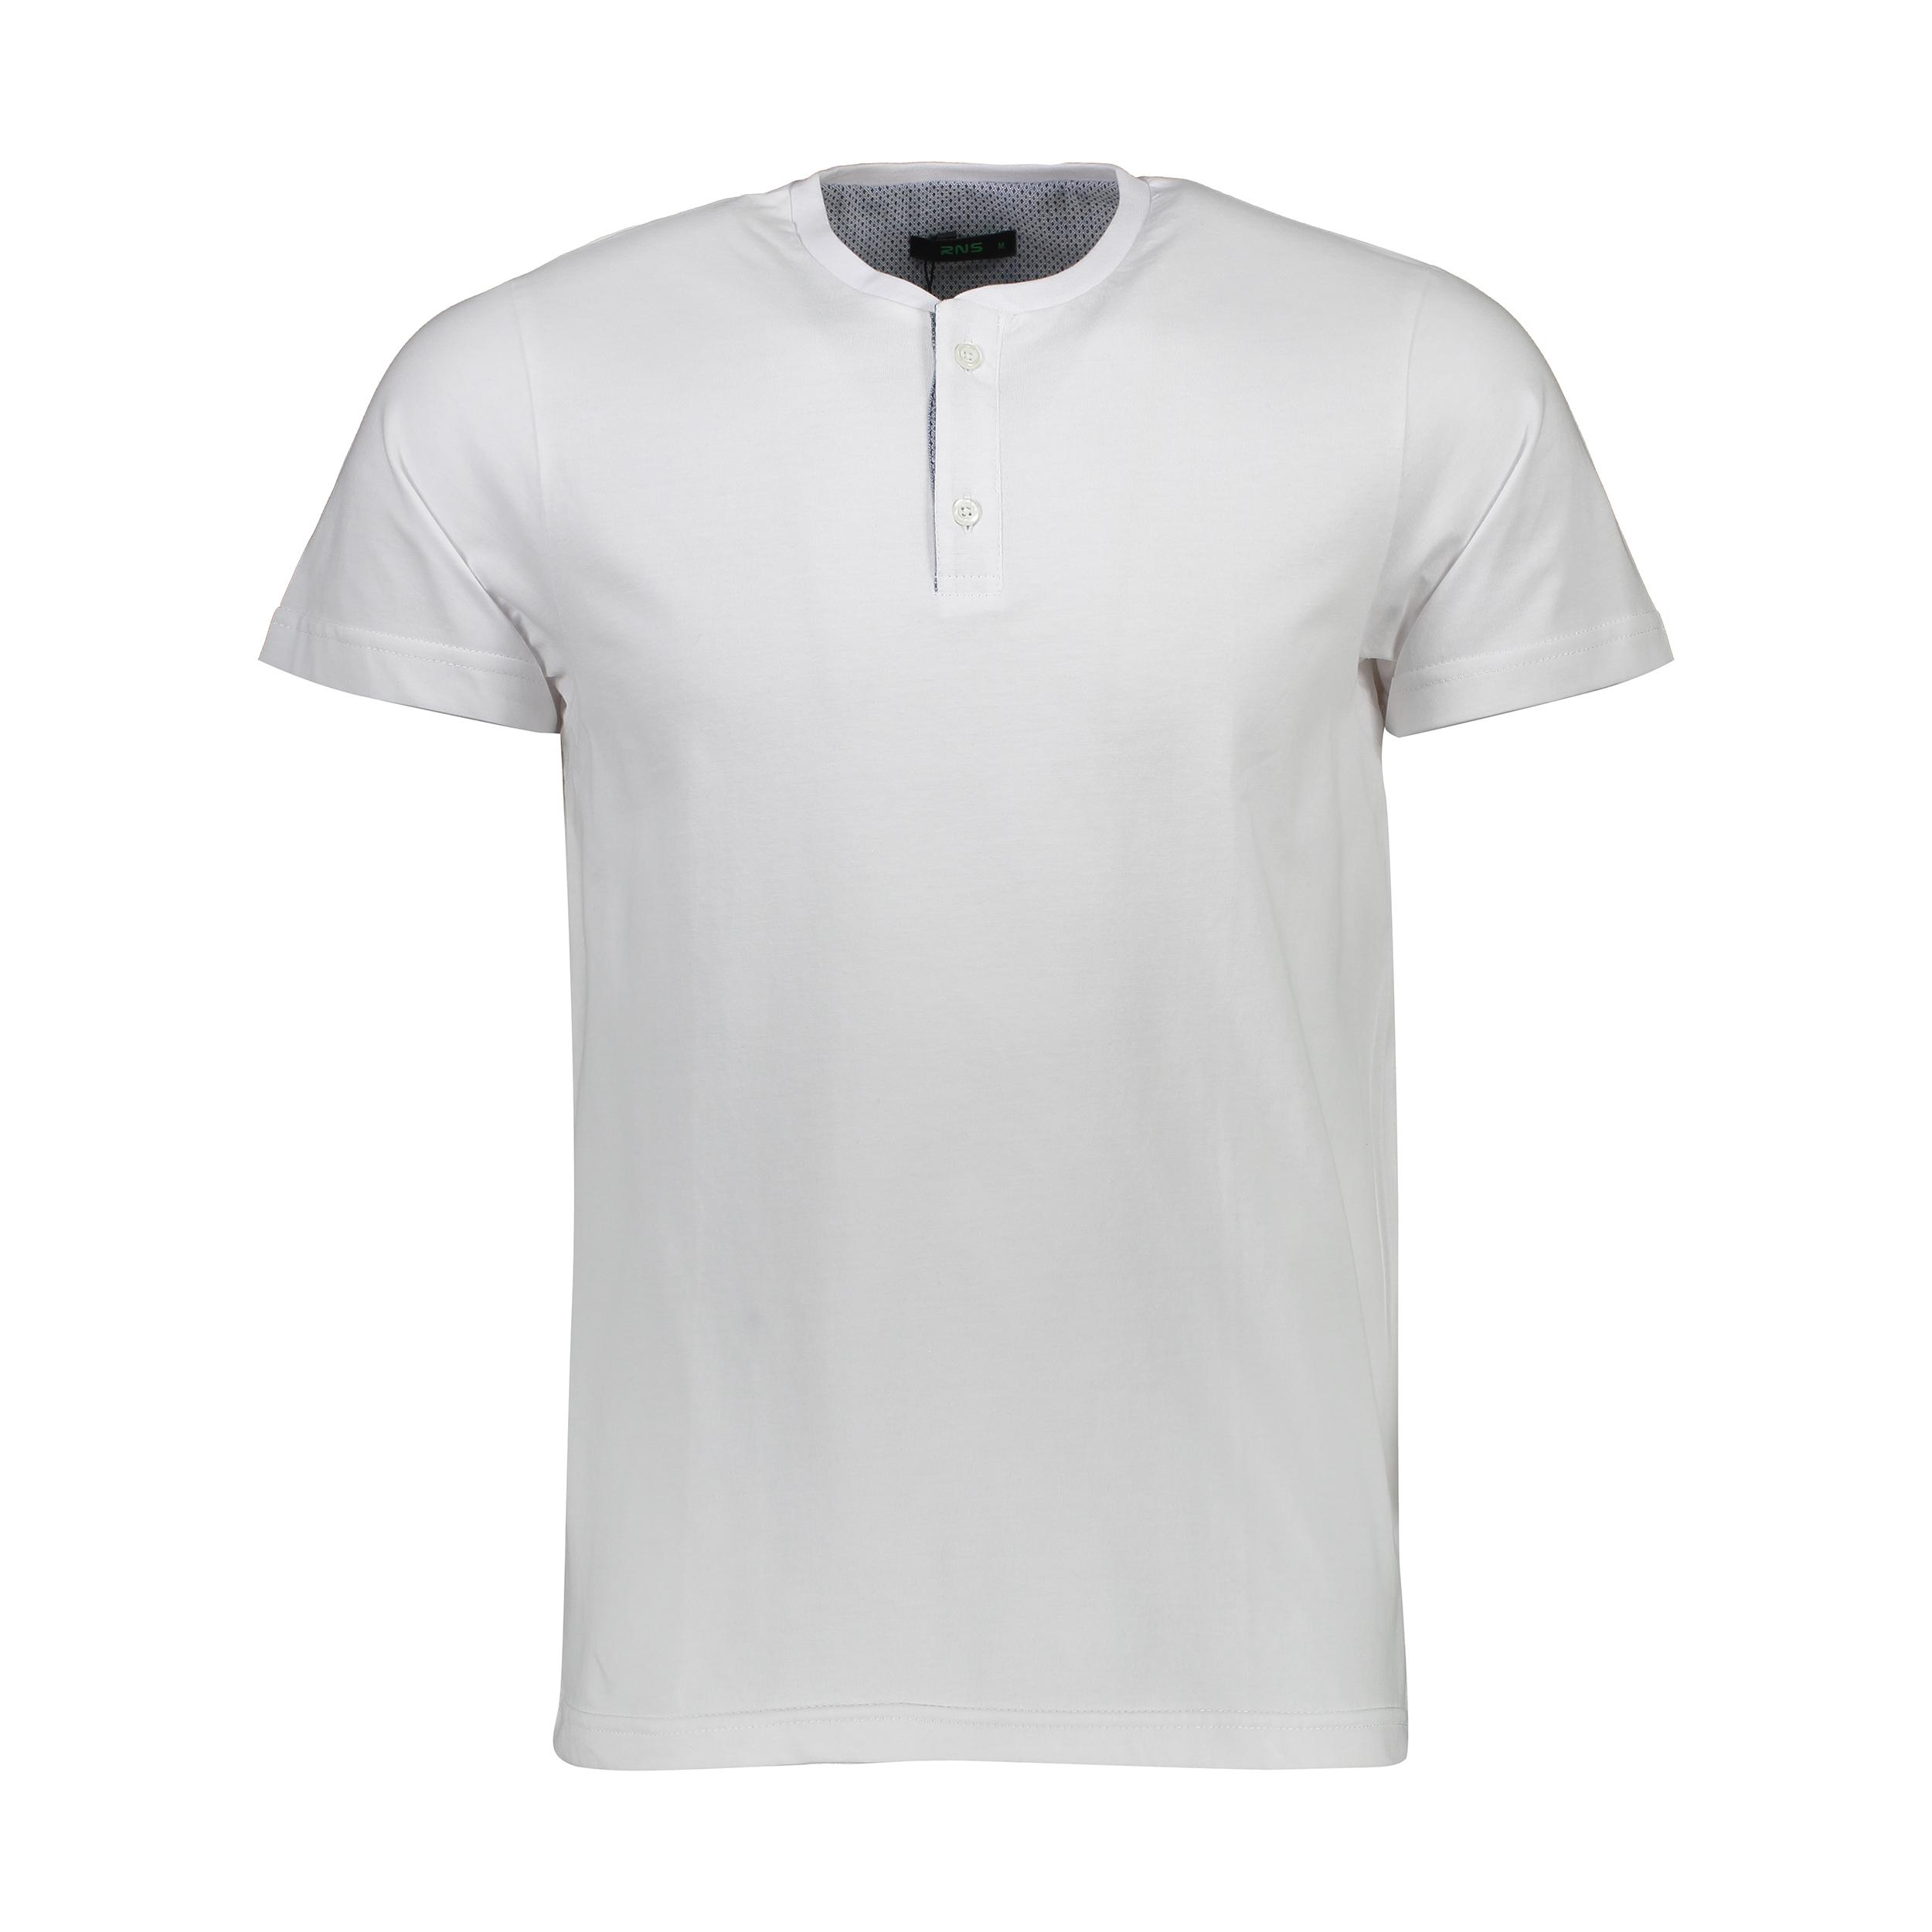 تی شرت مردانه آر ان اس مدل 1131117-01